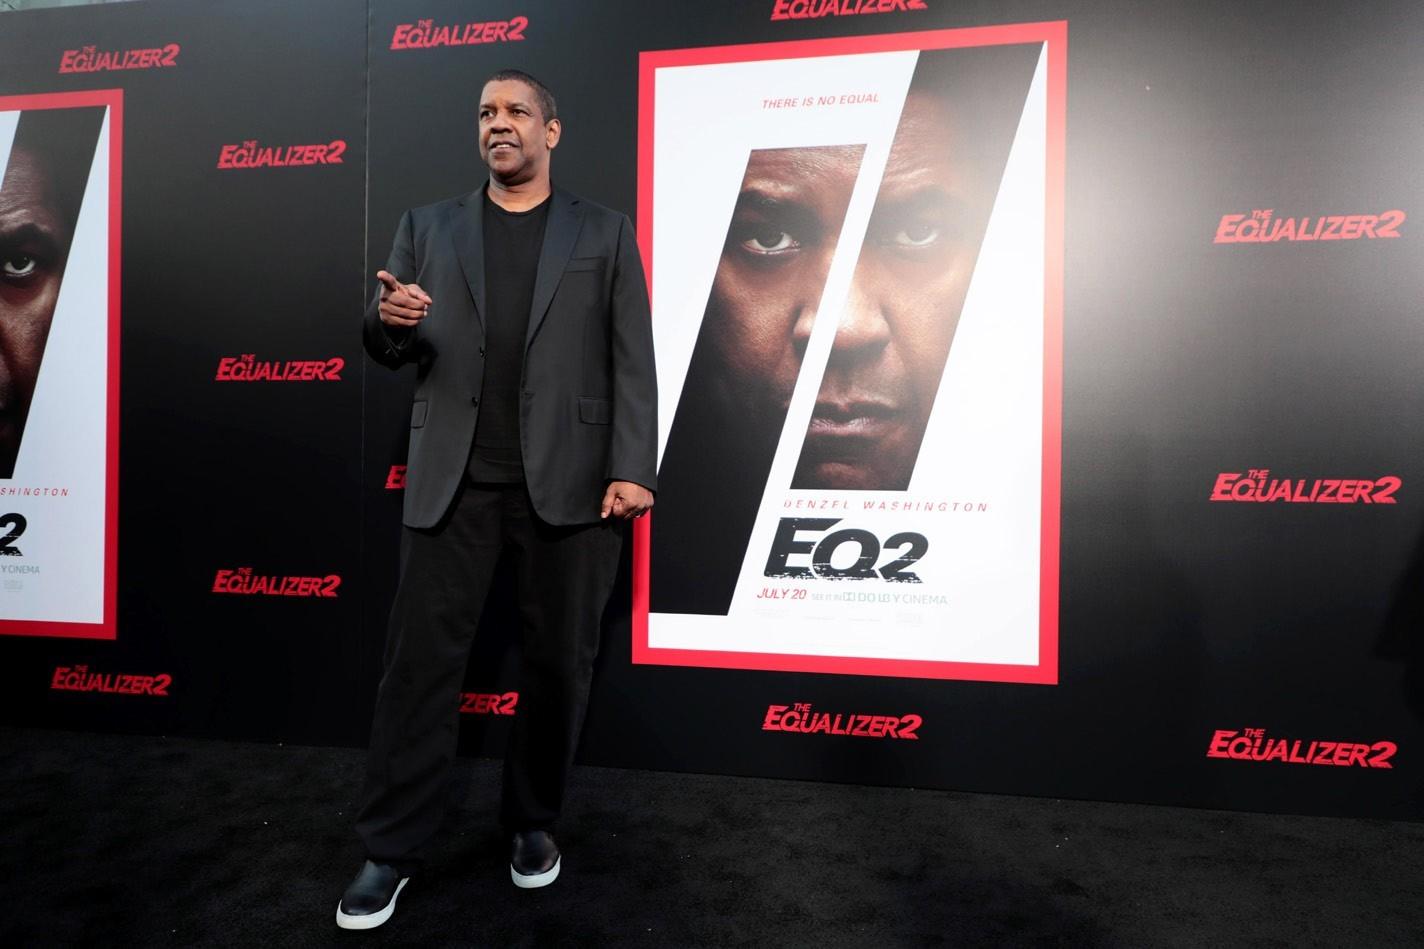 Equalizer 2: The Sequel